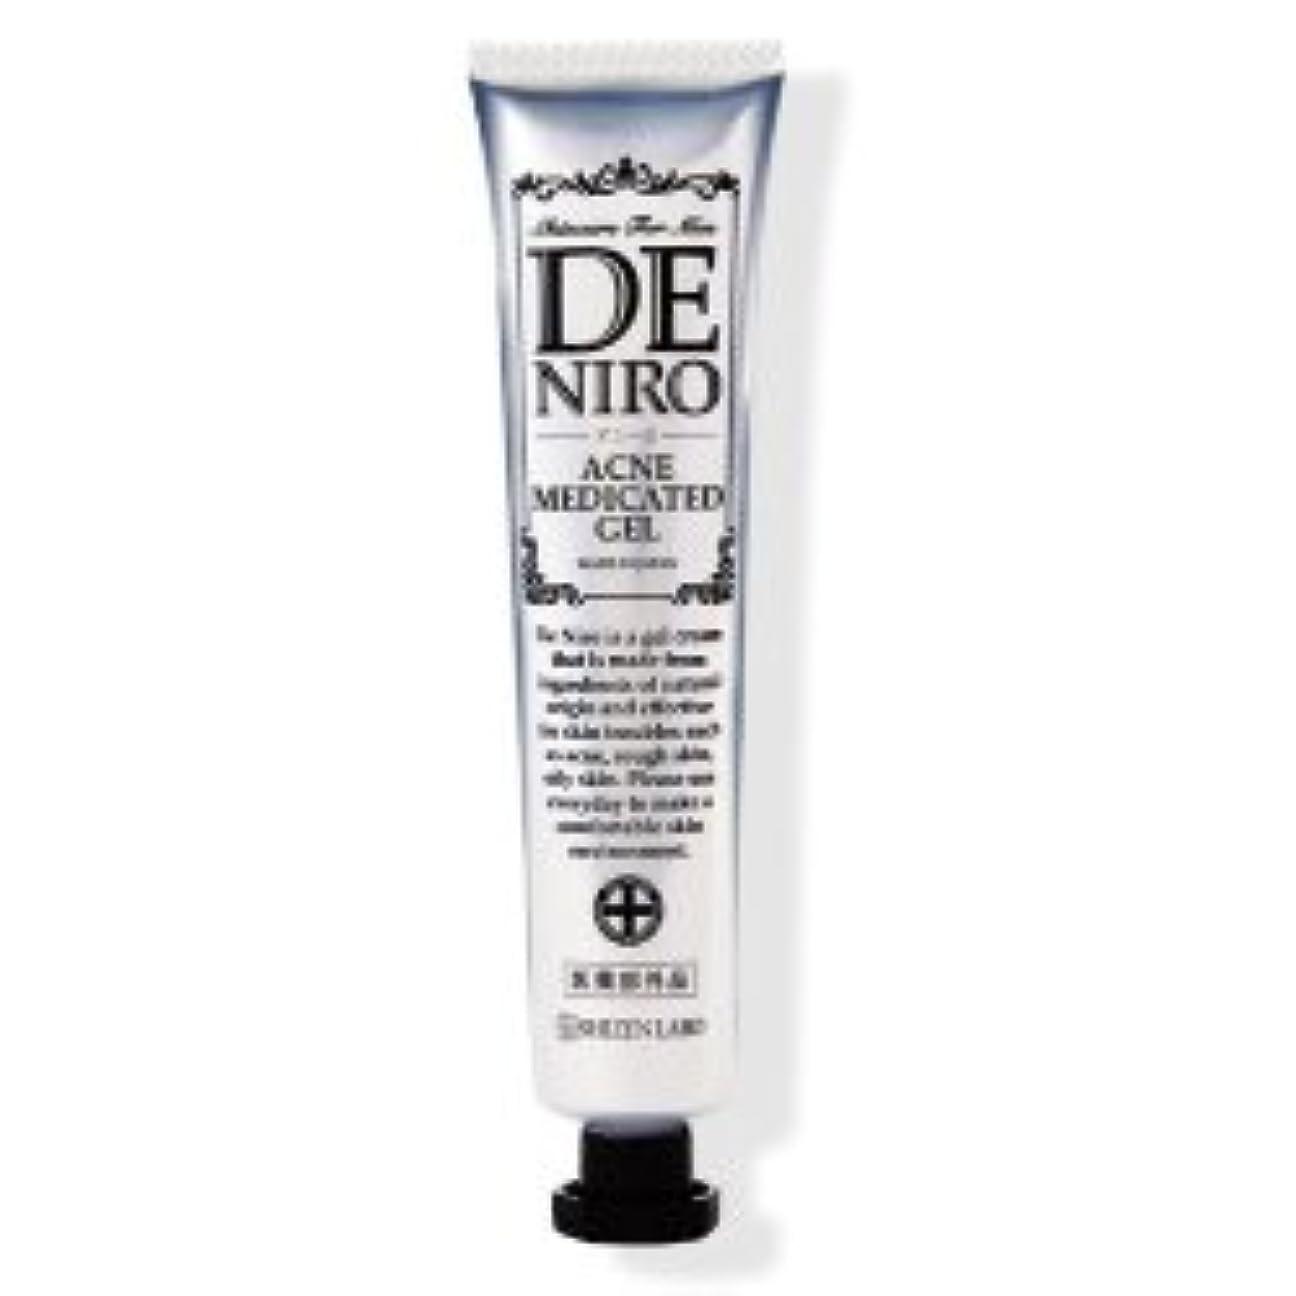 差別化する免疫するコカインデニーロ 45g (約1ヵ月分)【公式】薬用 DE NIRO 男のニキビ クリーム